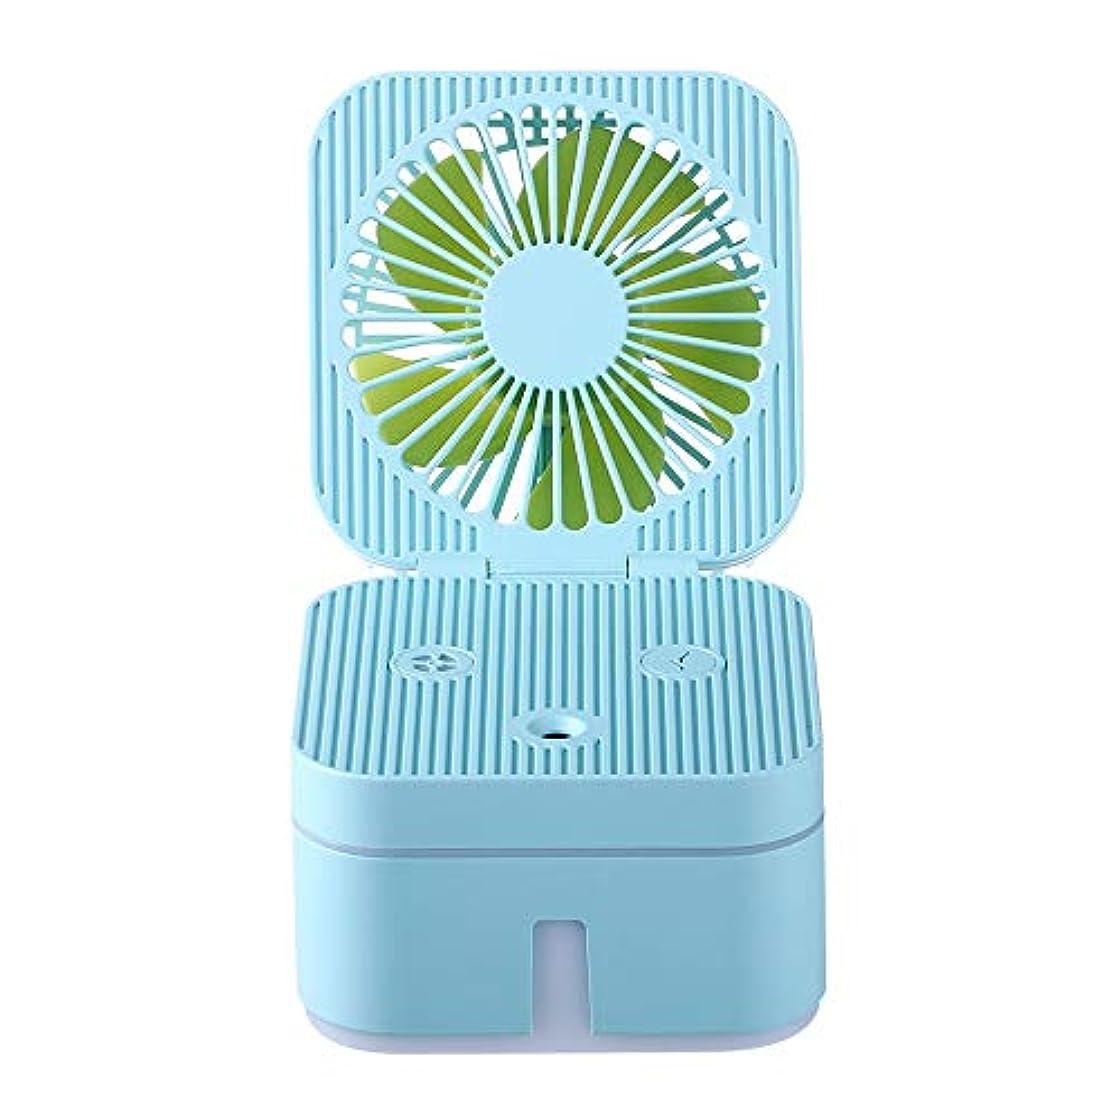 アーク移行する宿命ZXF 容量保湿美容機器ABS素材USB充電加湿器ウォータースプレーメーターブルー 滑らかである